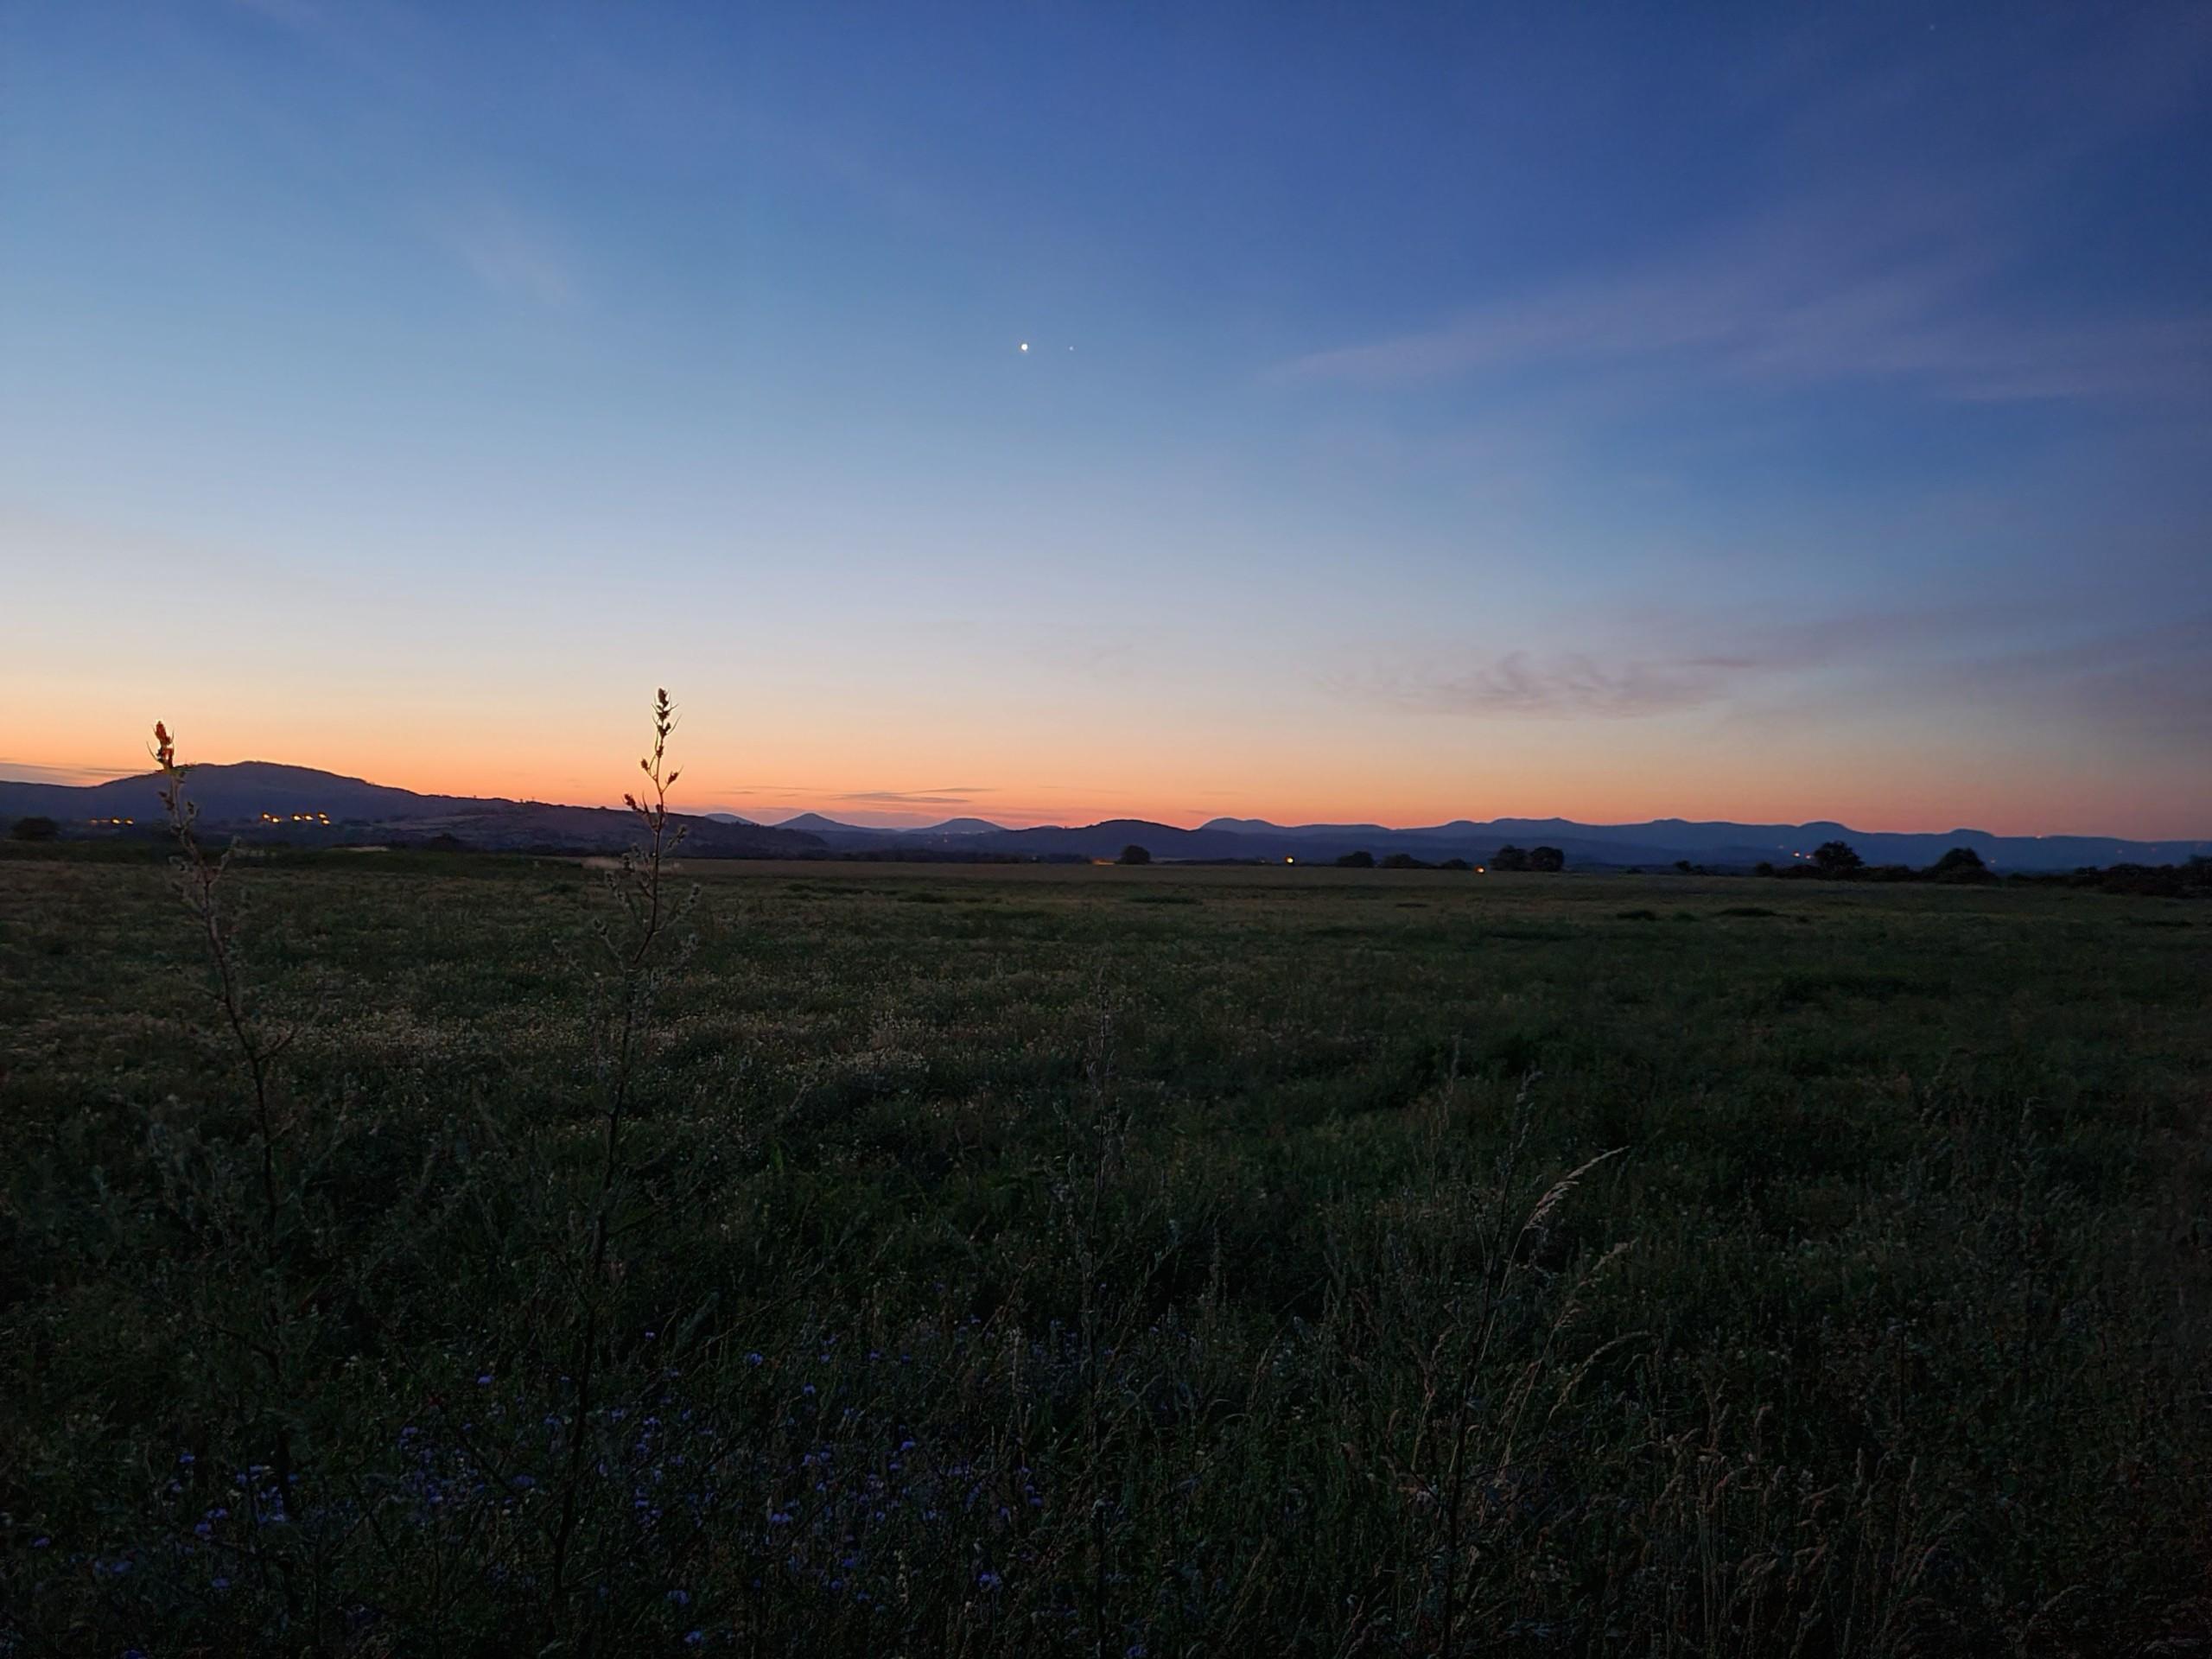 Comment saisir l'heure bleue en photographie avec son smartphone ?